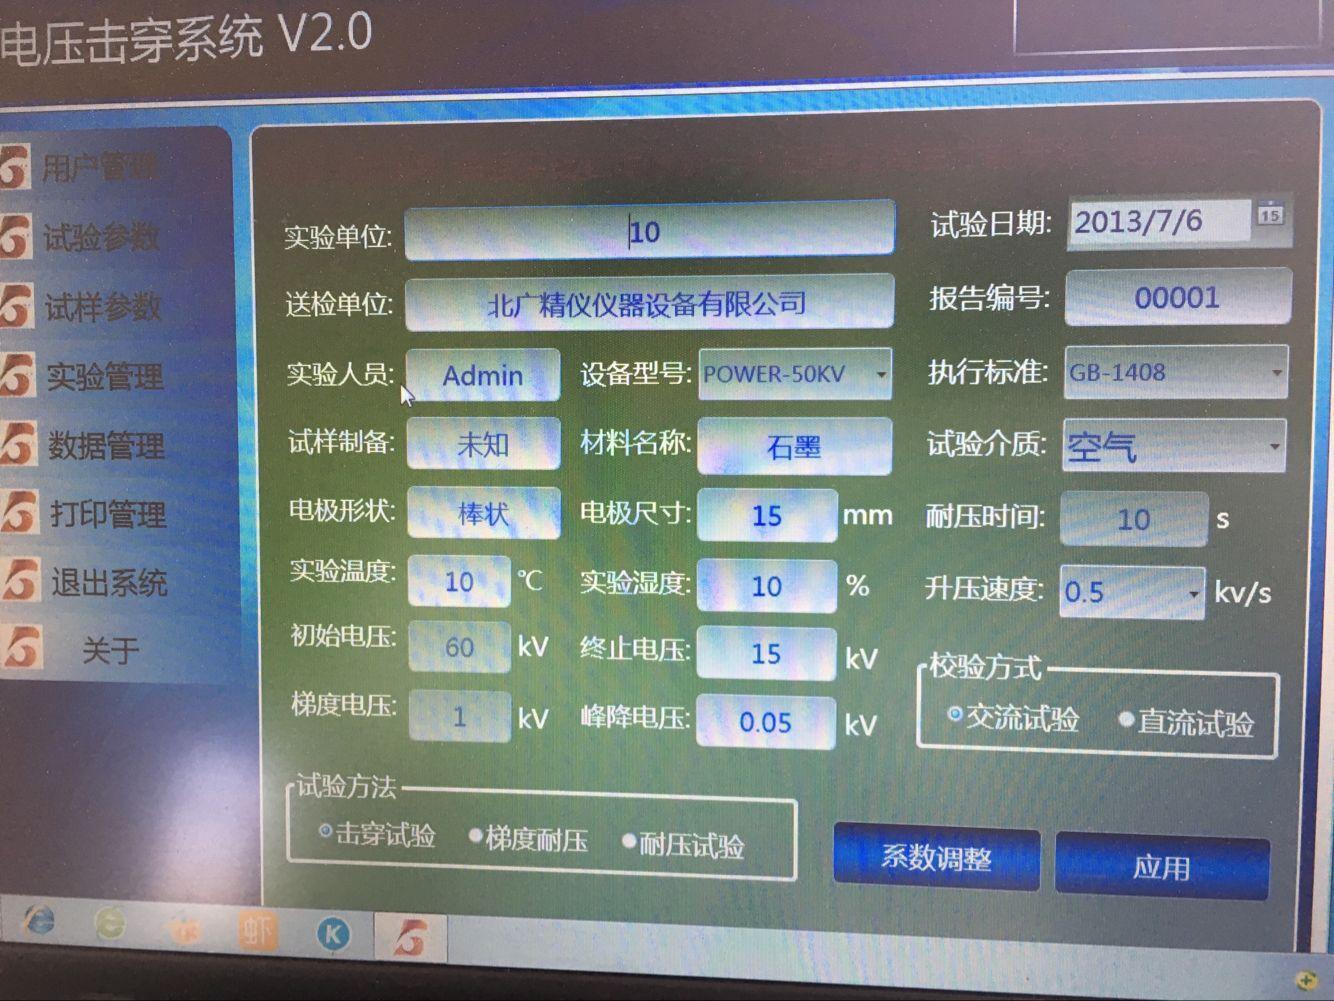 絕緣材料擊穿測試儀BDJC-50KV 電壓擊穿試驗儀,絕緣強度測試儀,擊穿場強測試儀,電氣性能測試儀,耐高壓測試儀